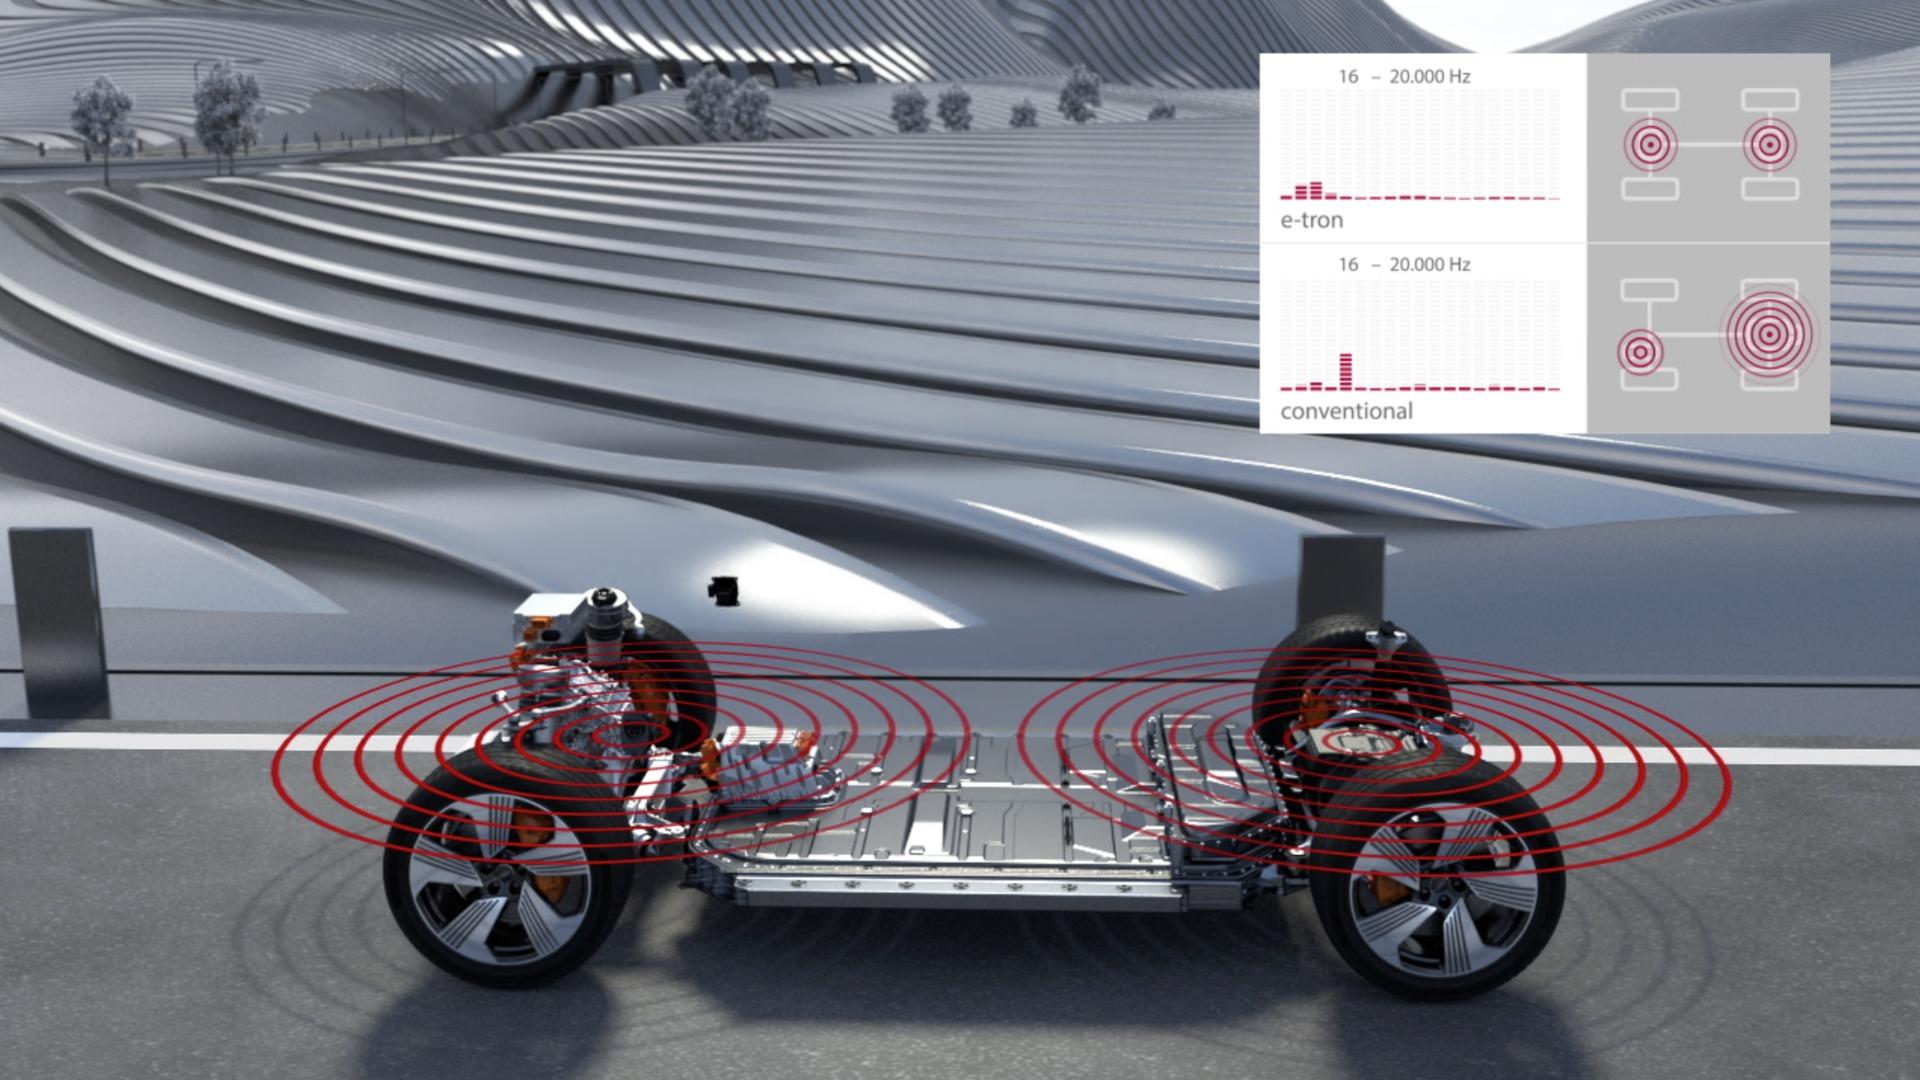 Akustik im Audi e-tron (Animation)